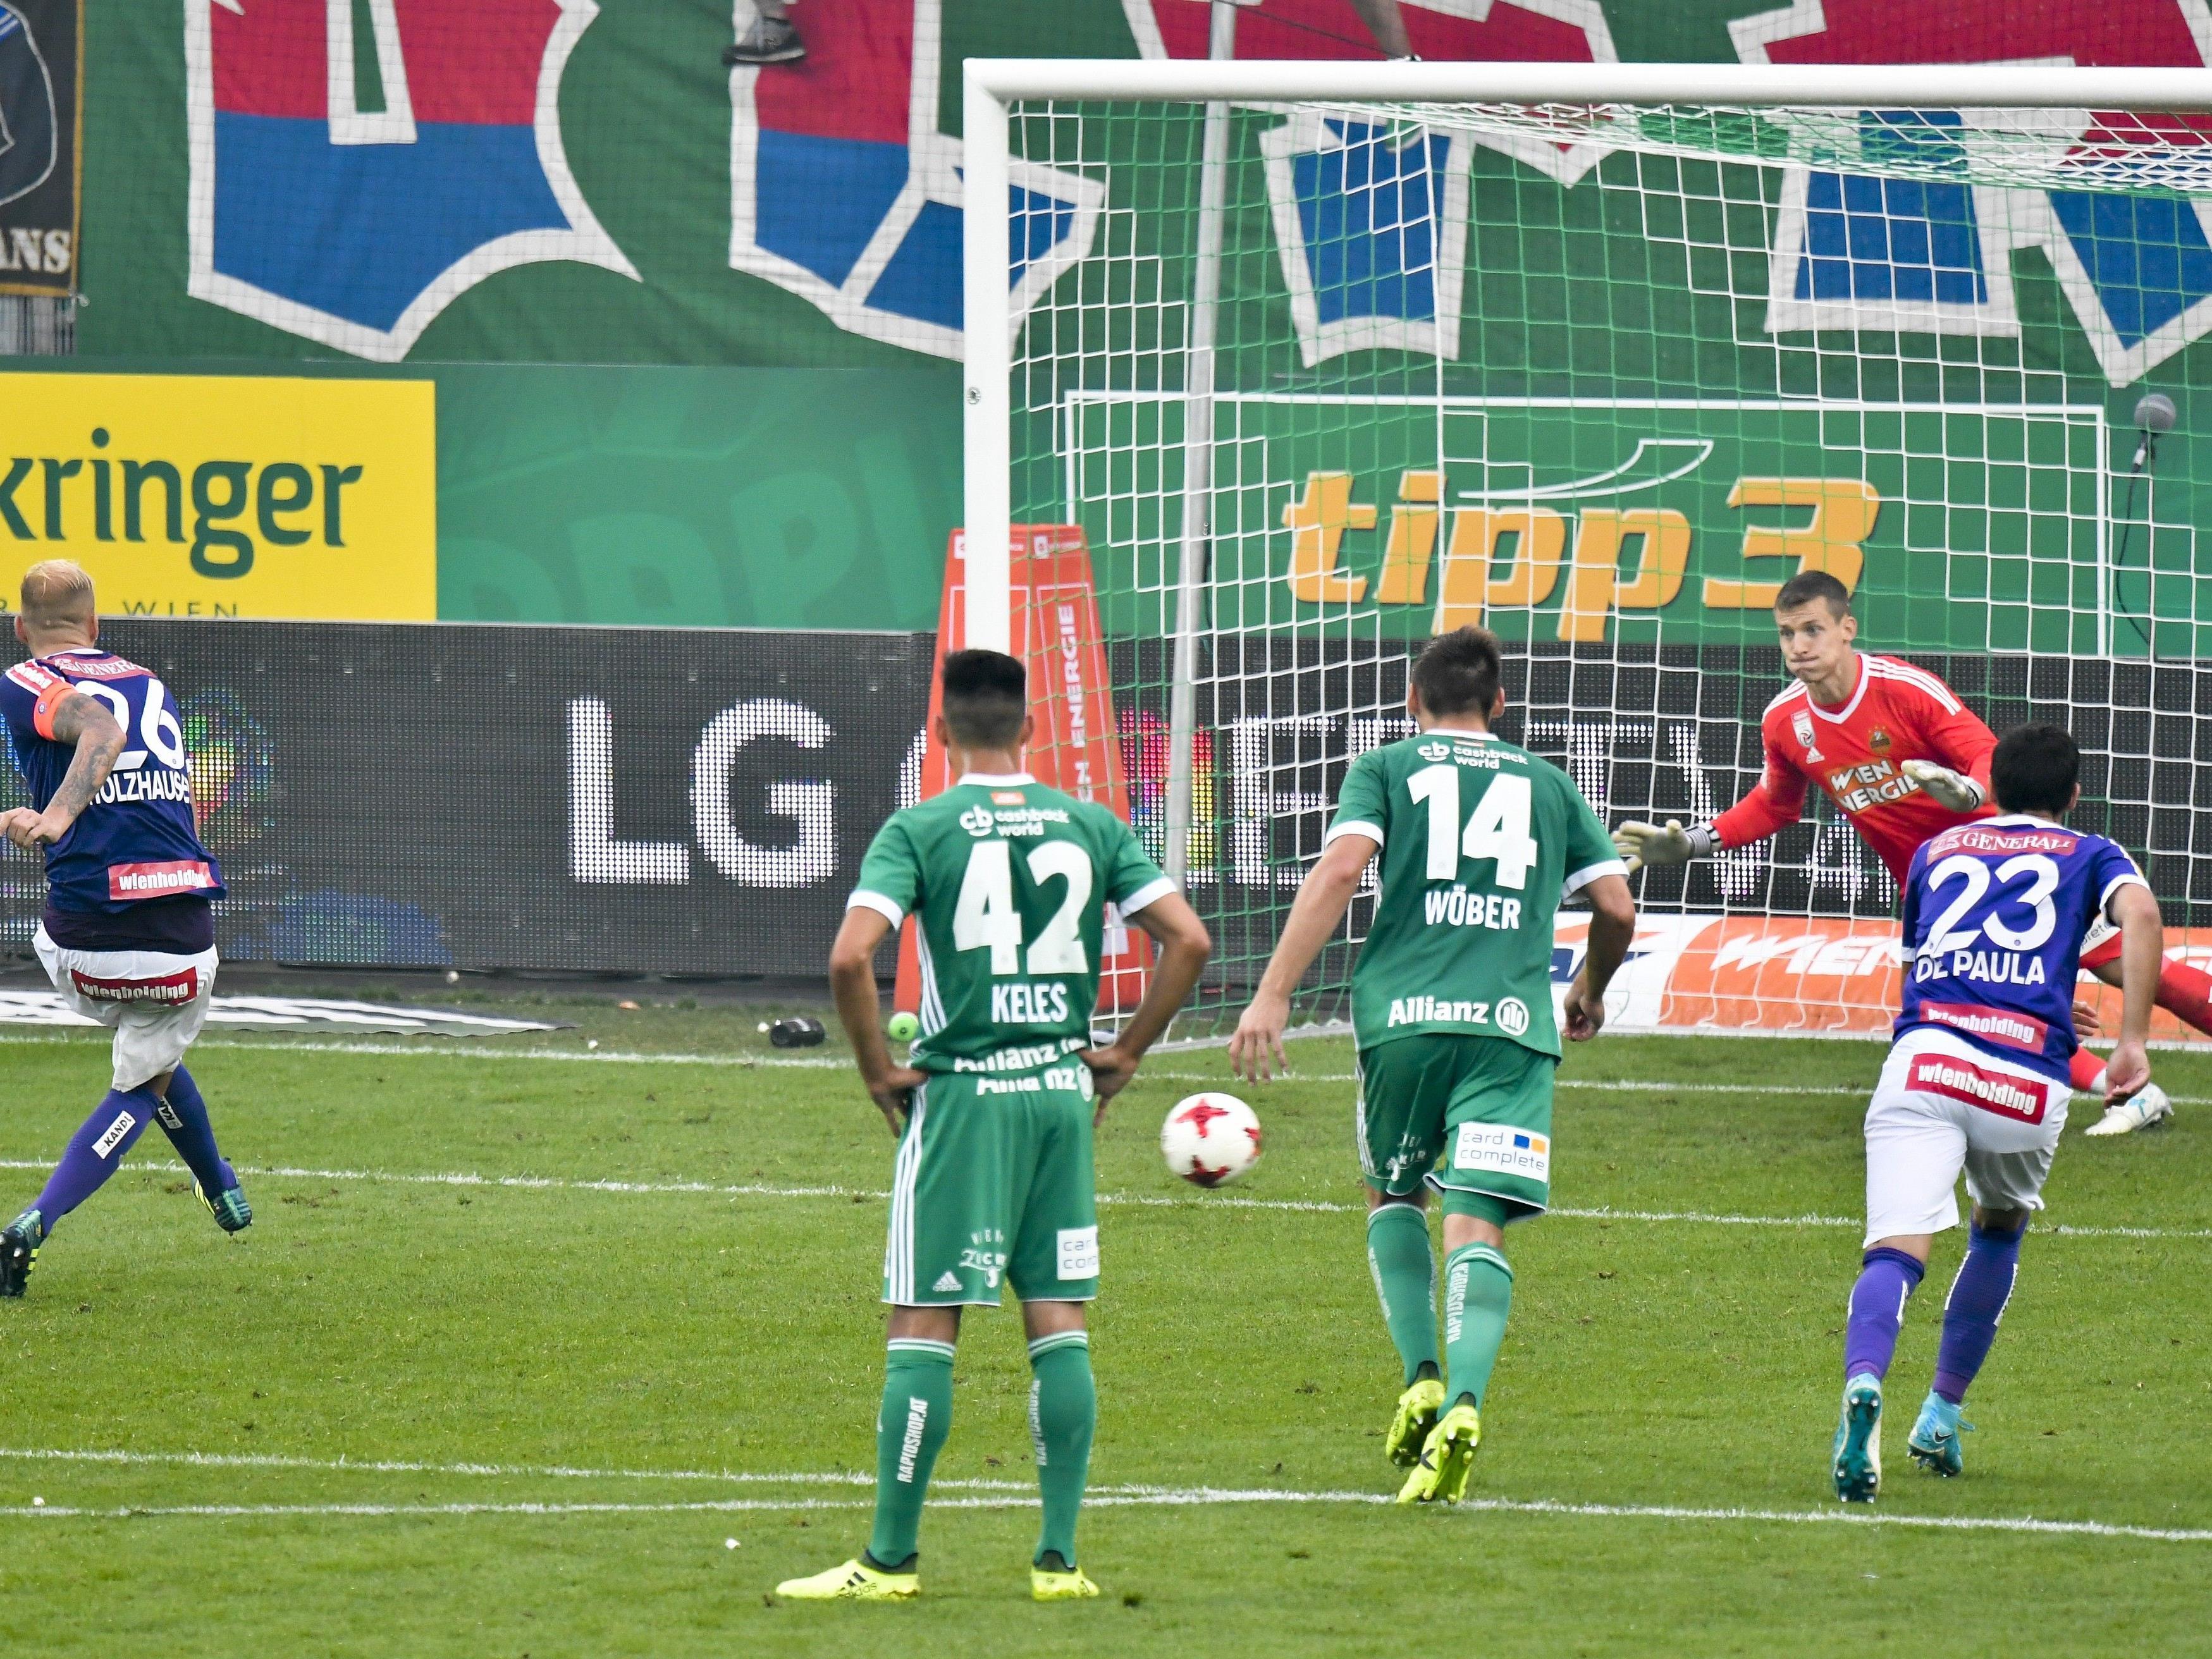 Die Bundesliga leitete nach den Vorkomnissen beim Wiener Derby ein Verfahren ein.